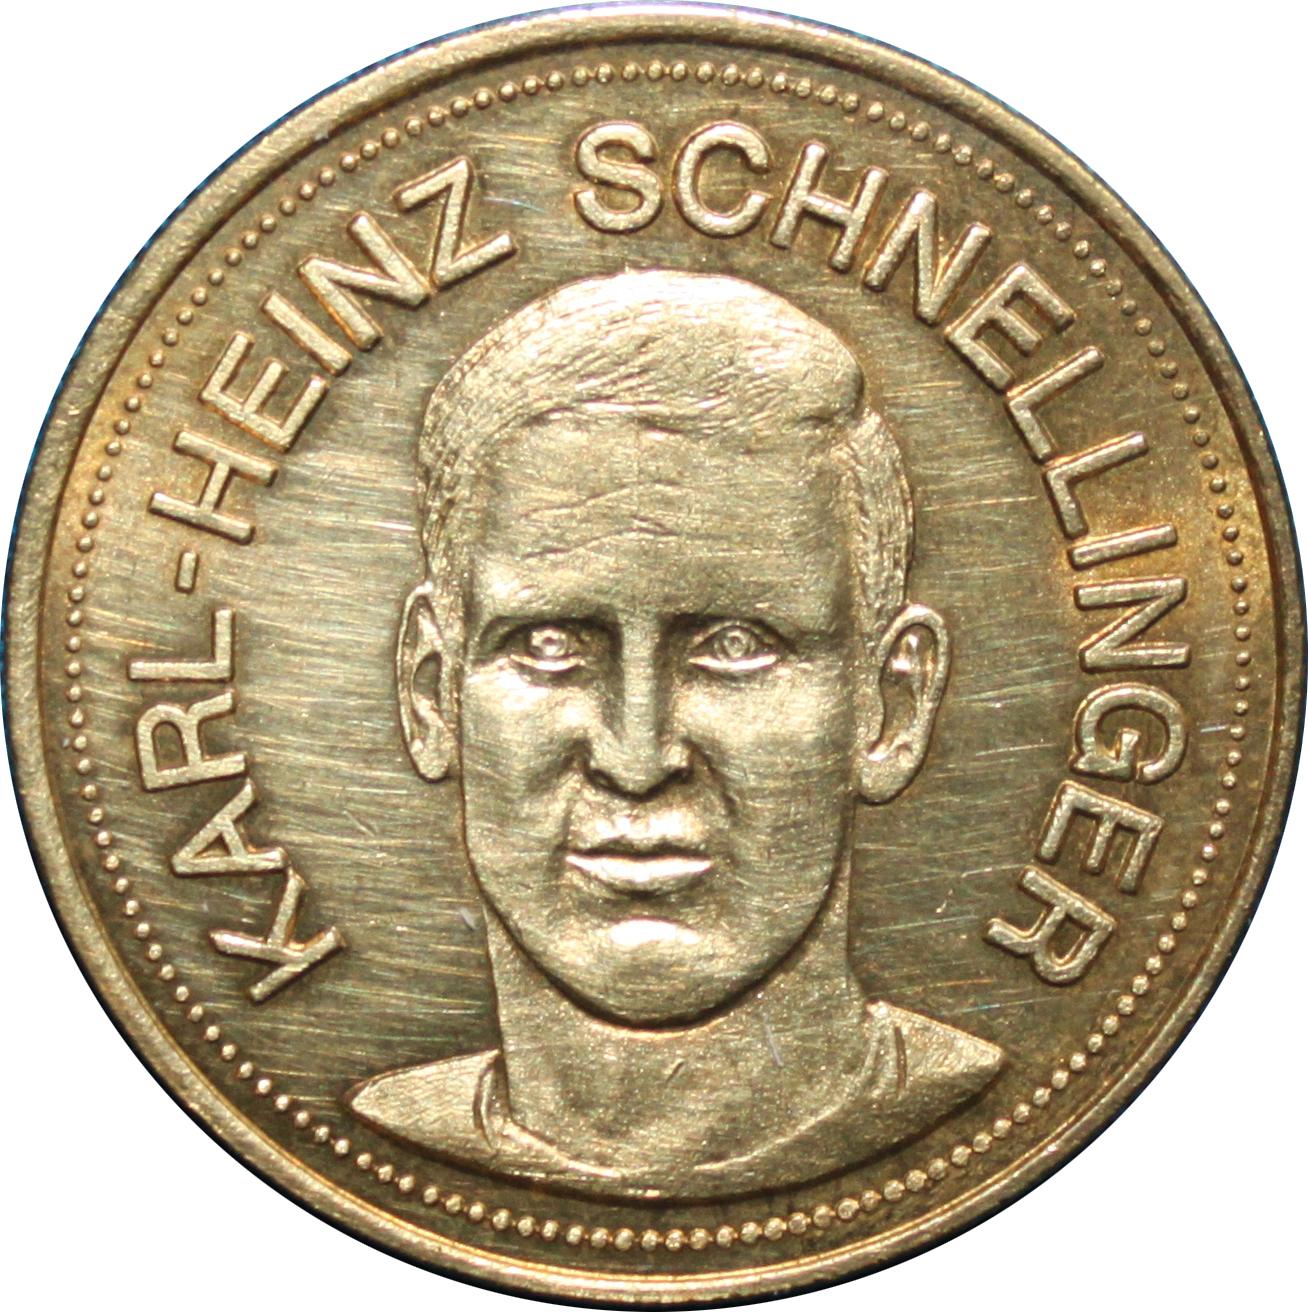 Shell Traum Elf Karl Heinz Schnellinger Tokens – Numista